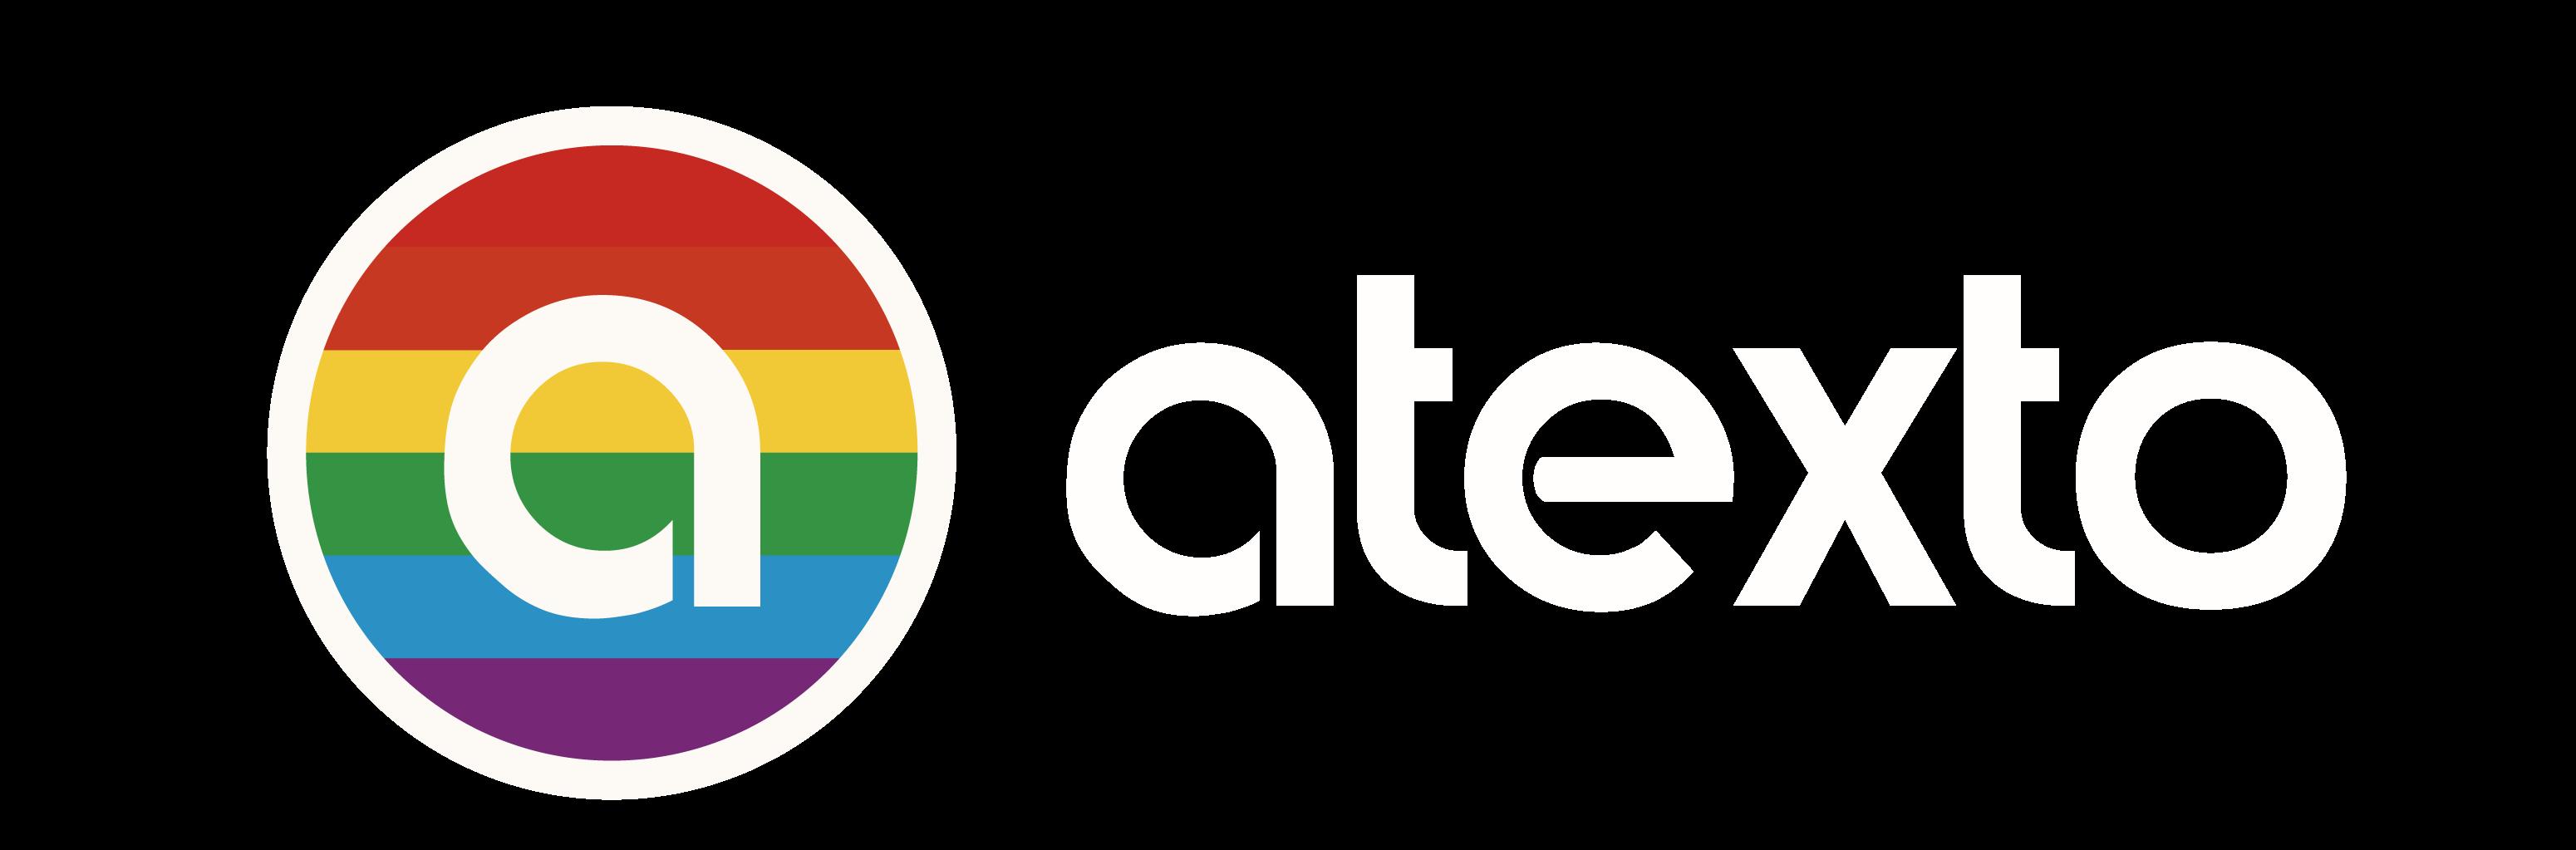 Atexto_logo_whiteLGBT